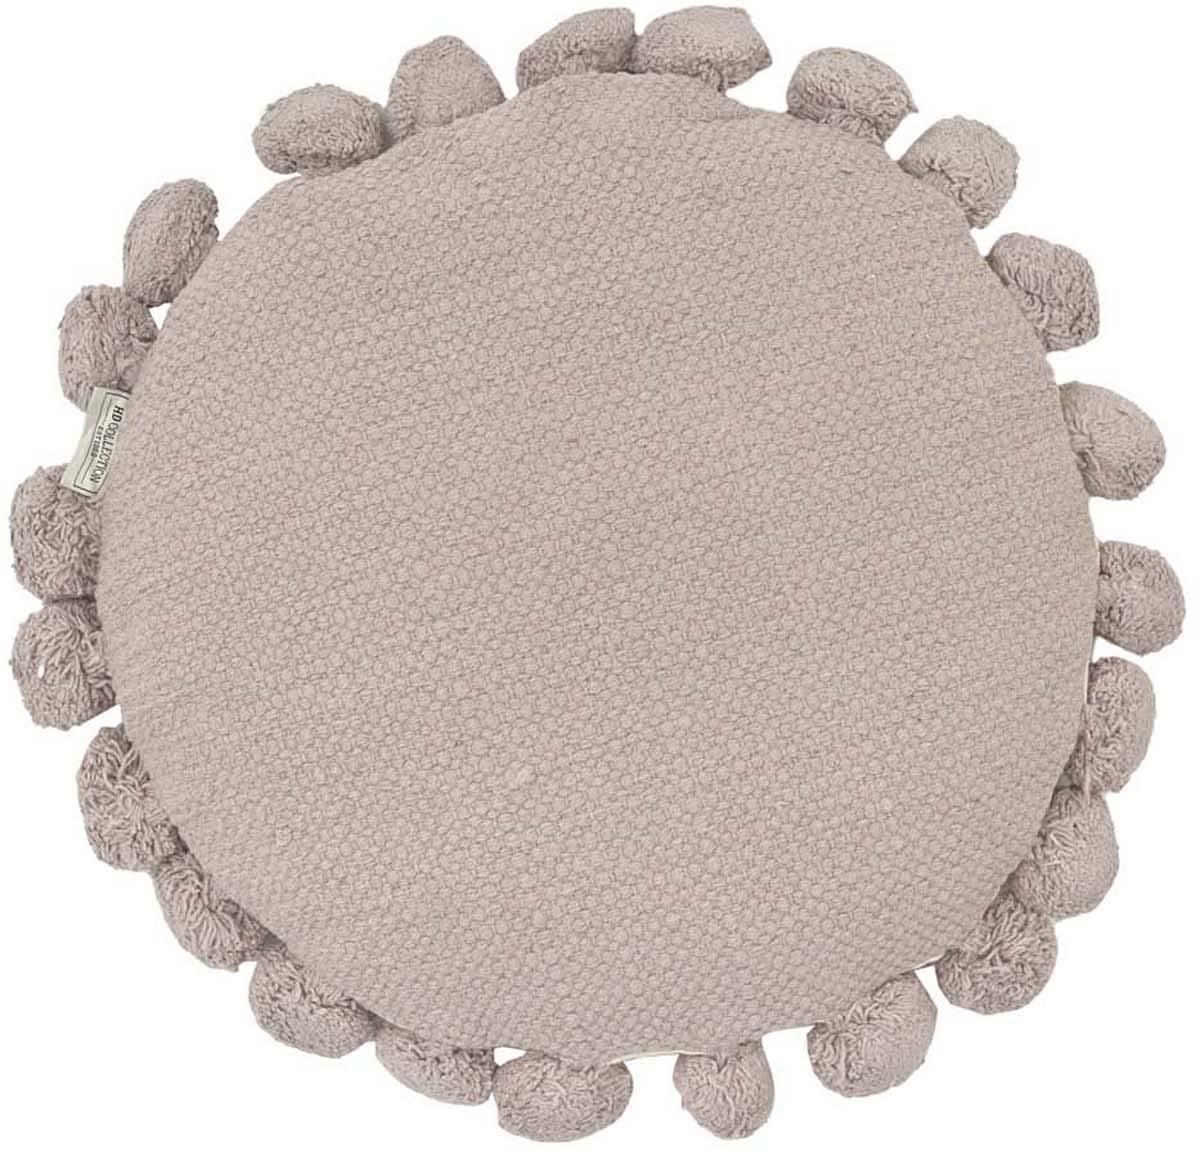 Rundes Kissen Betta mit Pompoms, mit Inlett, Steingrau, Ø 45 cm